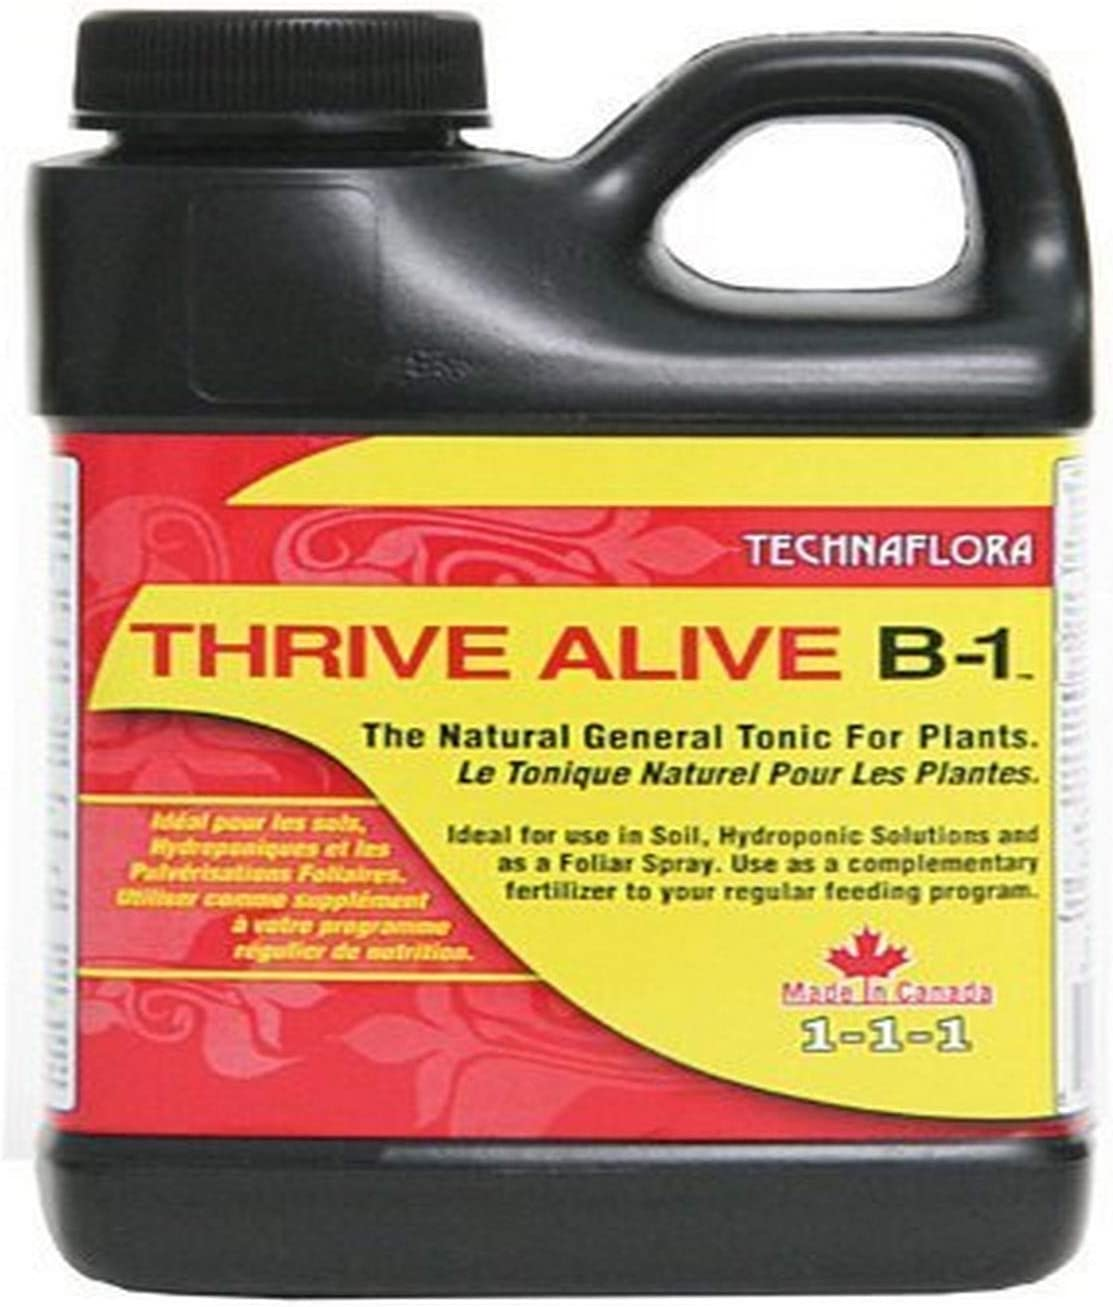 Technaflora 720605 Fertilizer, 0.25 Liter, Red